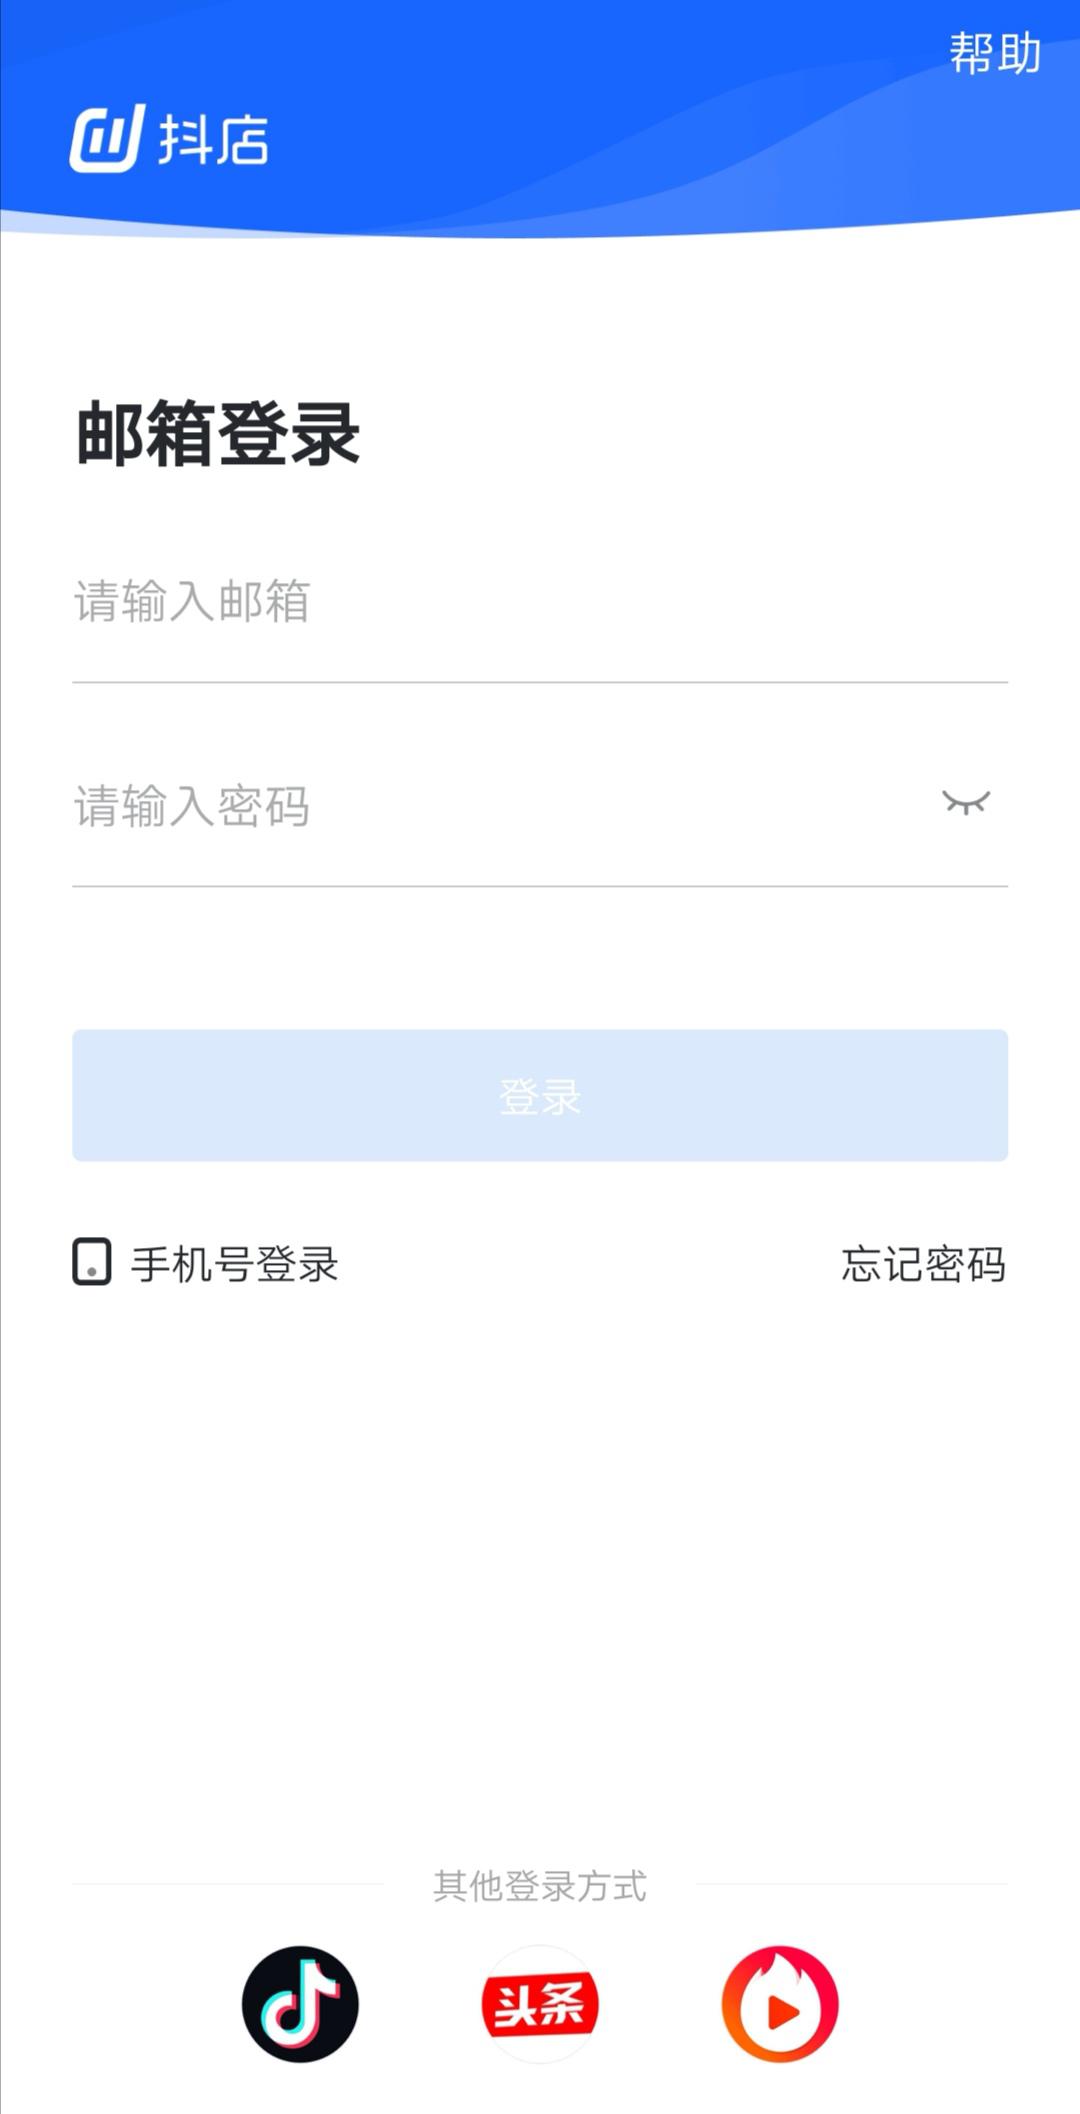 抖店APP邮箱登录页.jpeg